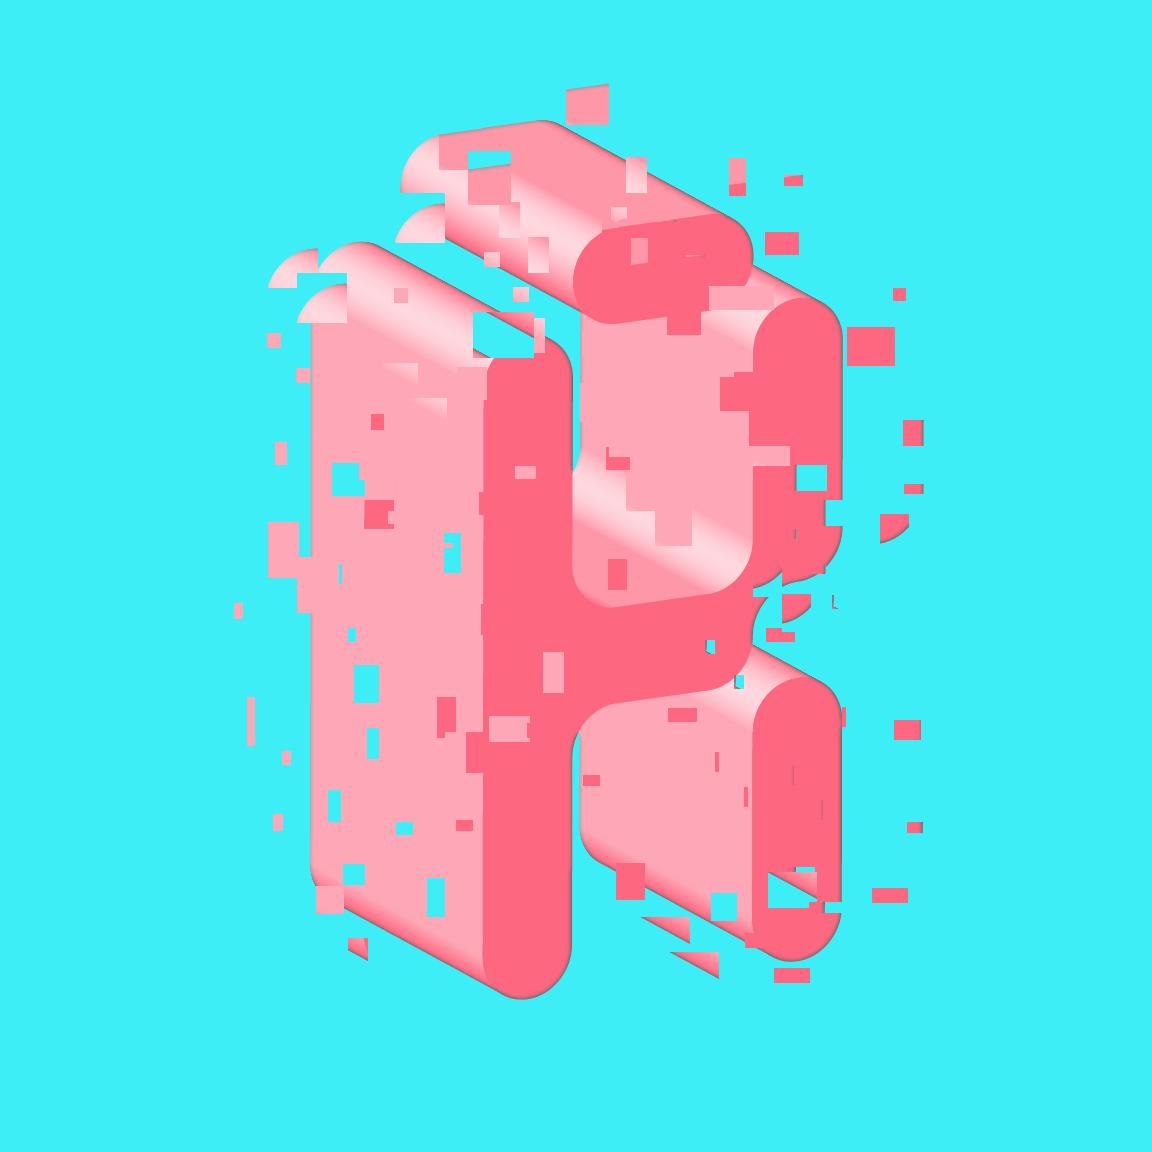 rotulador_pincel_stencil_3dfinito.jpg